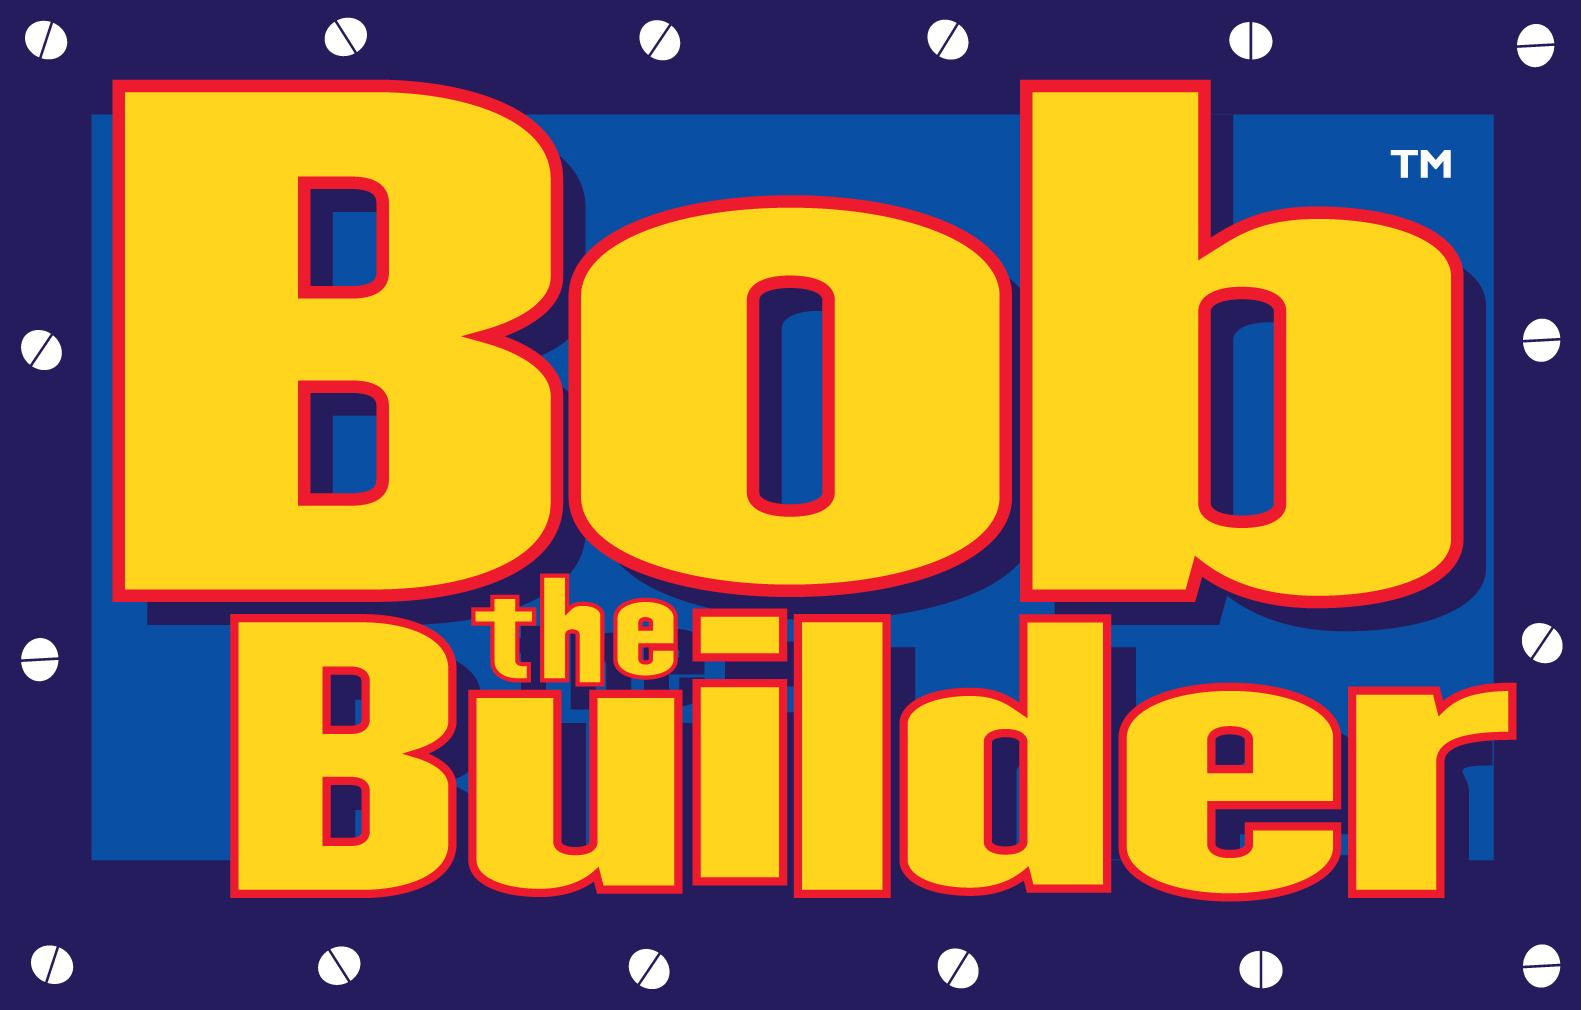 Bob The Builder Wallpaper Wallpapersafari